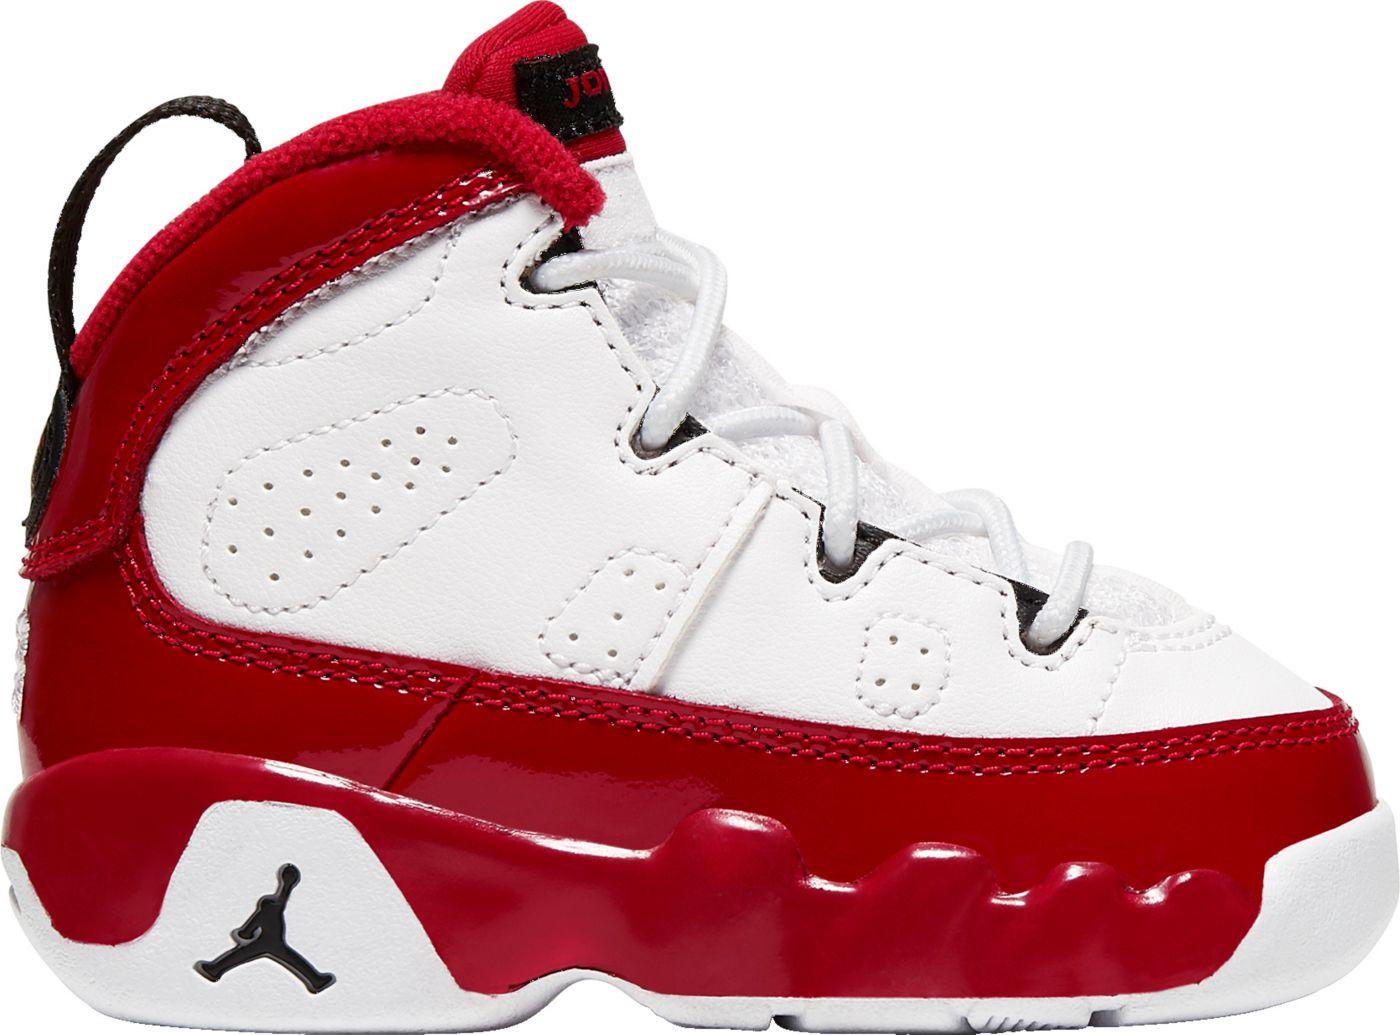 Jordan Toddler Air Jordan 9 Retro Basketball Shoes